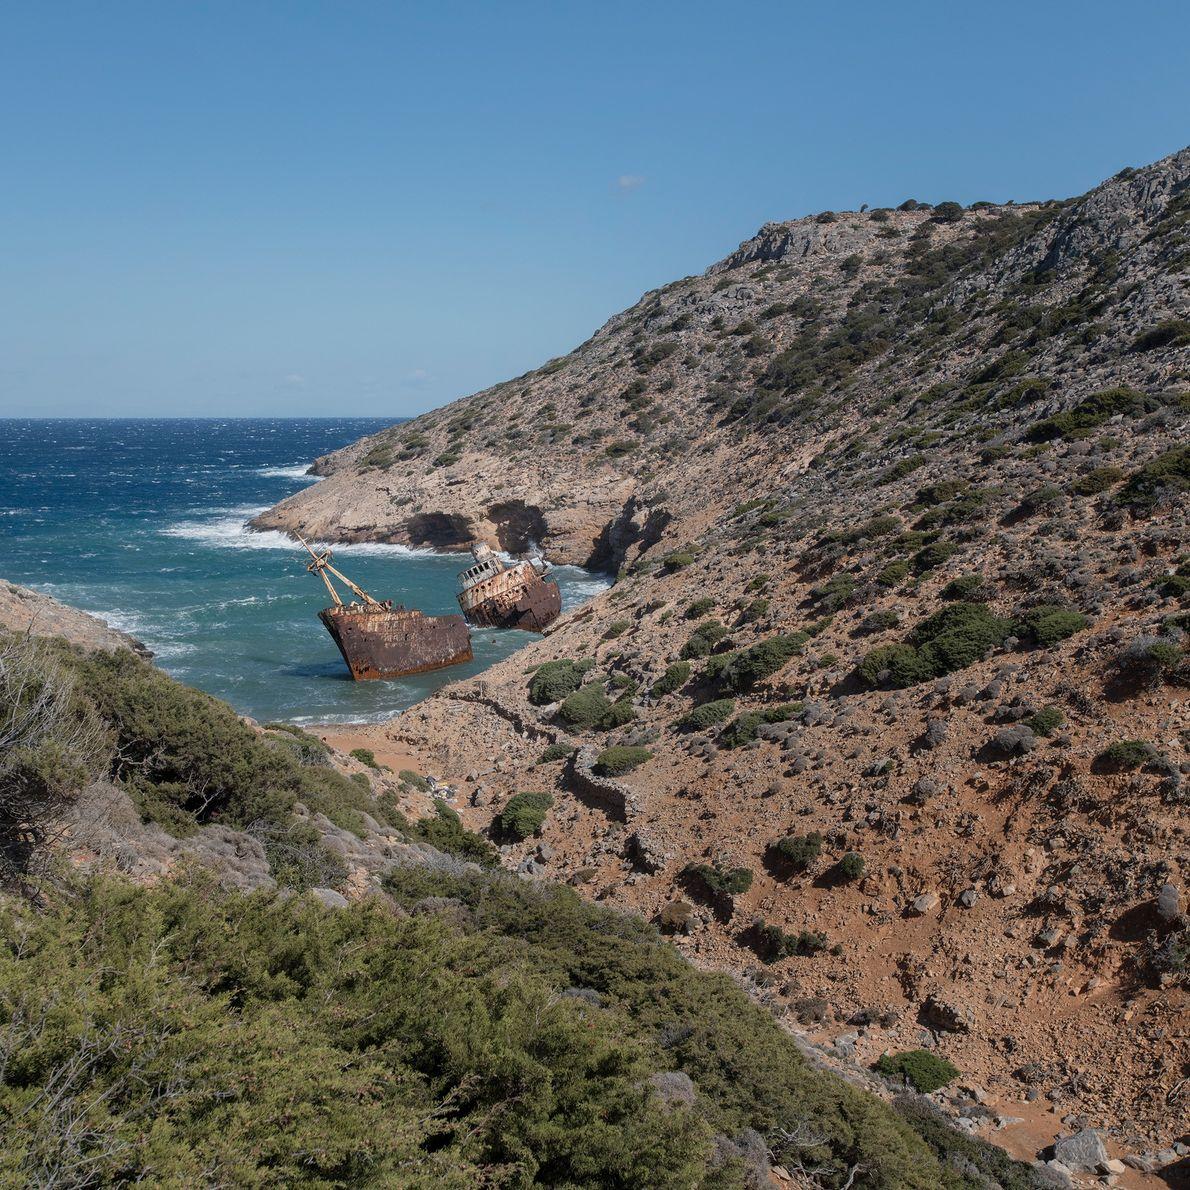 L'épave de l'Olympia, qui a fait naufrage en 1979, repose dans la baie de Liveros. Le ...